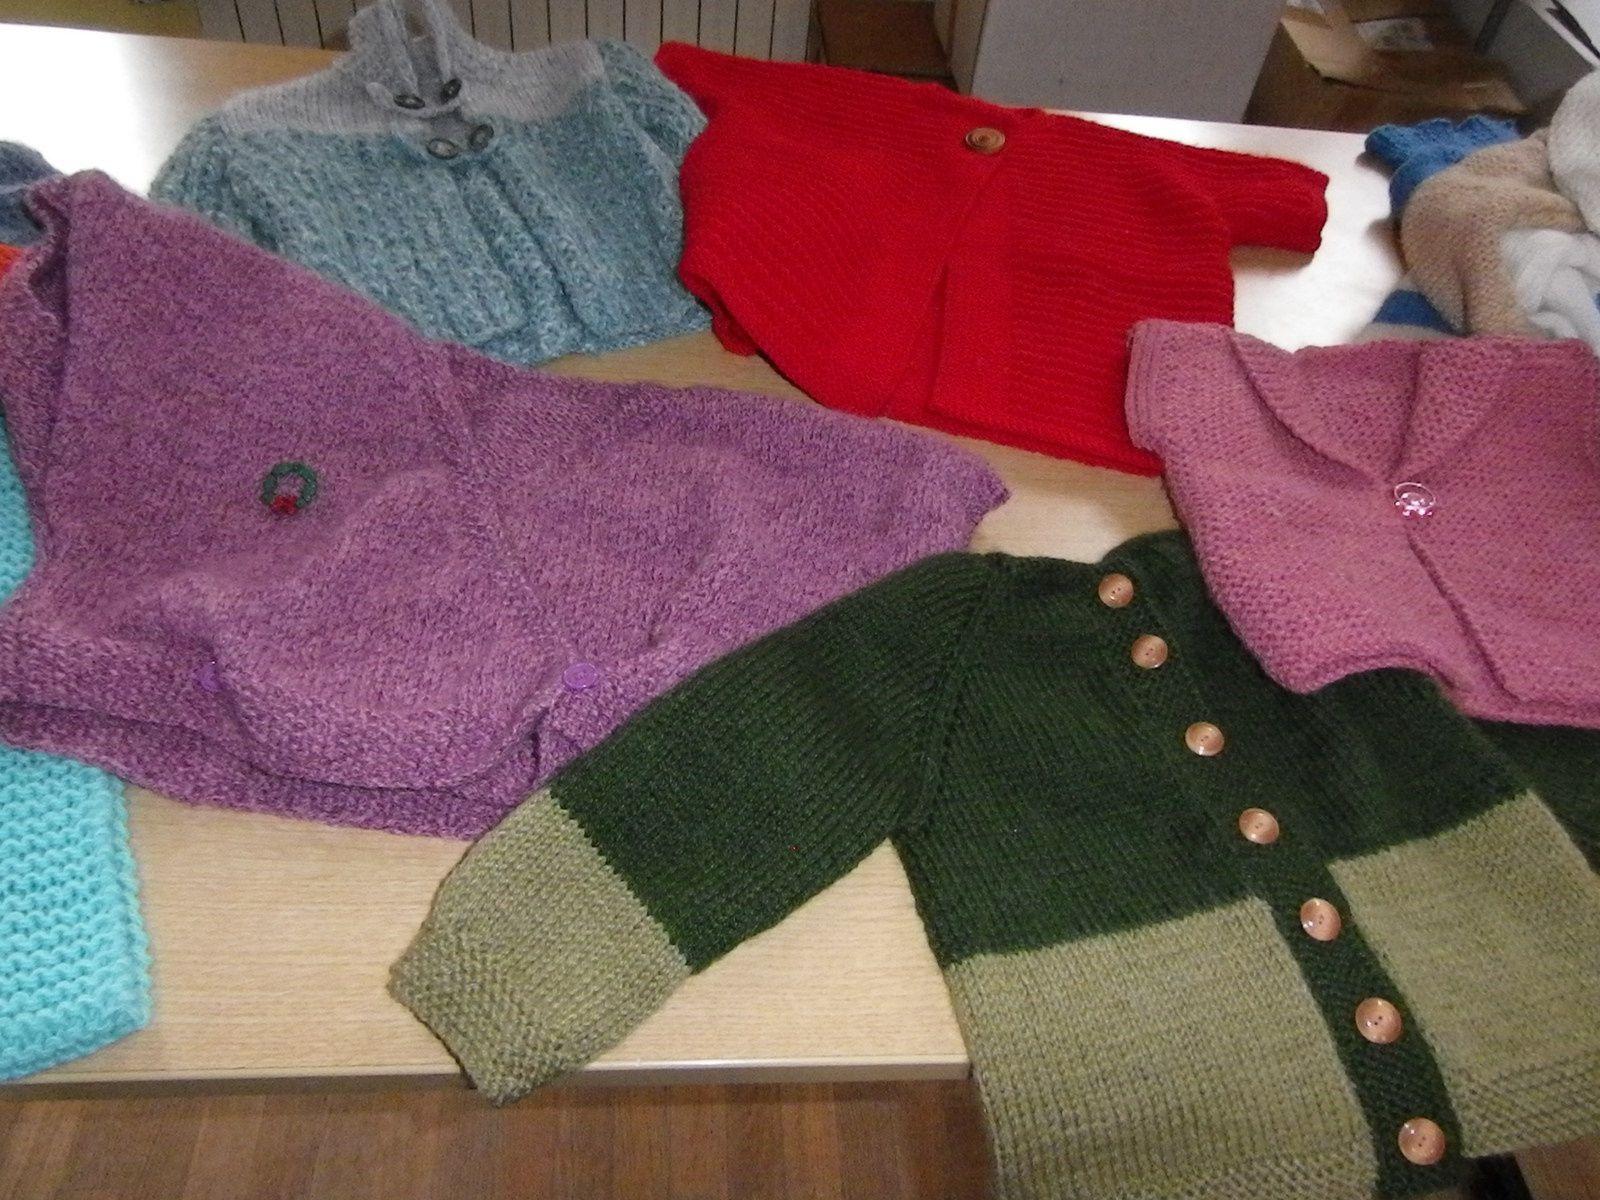 les tricots&quot&#x3B; de la dame du village d'à coté &quot&#x3B;